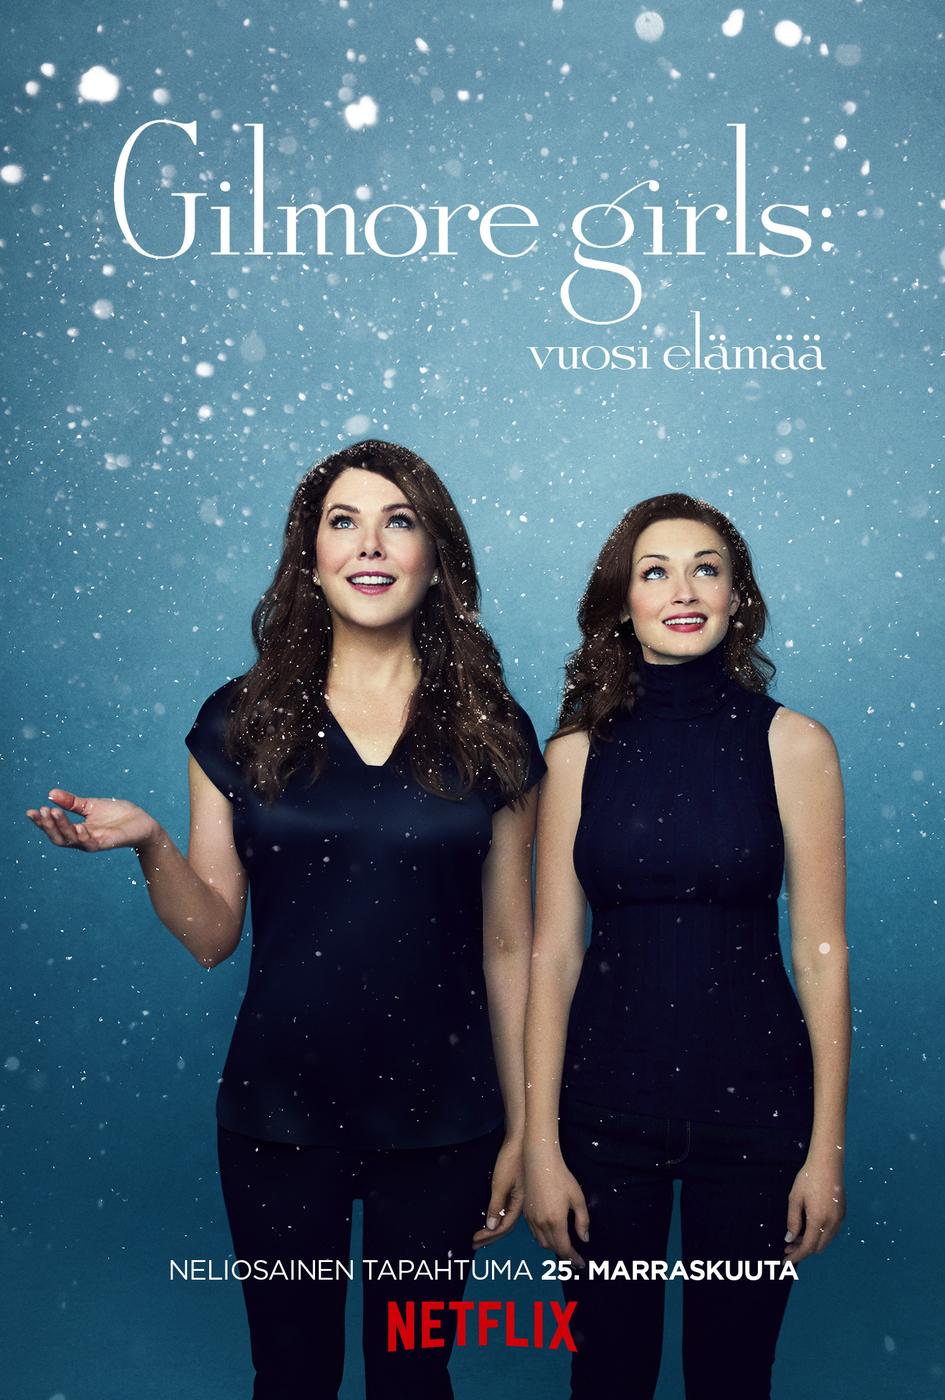 Gilmore Girls: Ensimmäinen traileri + ihania kuvia!